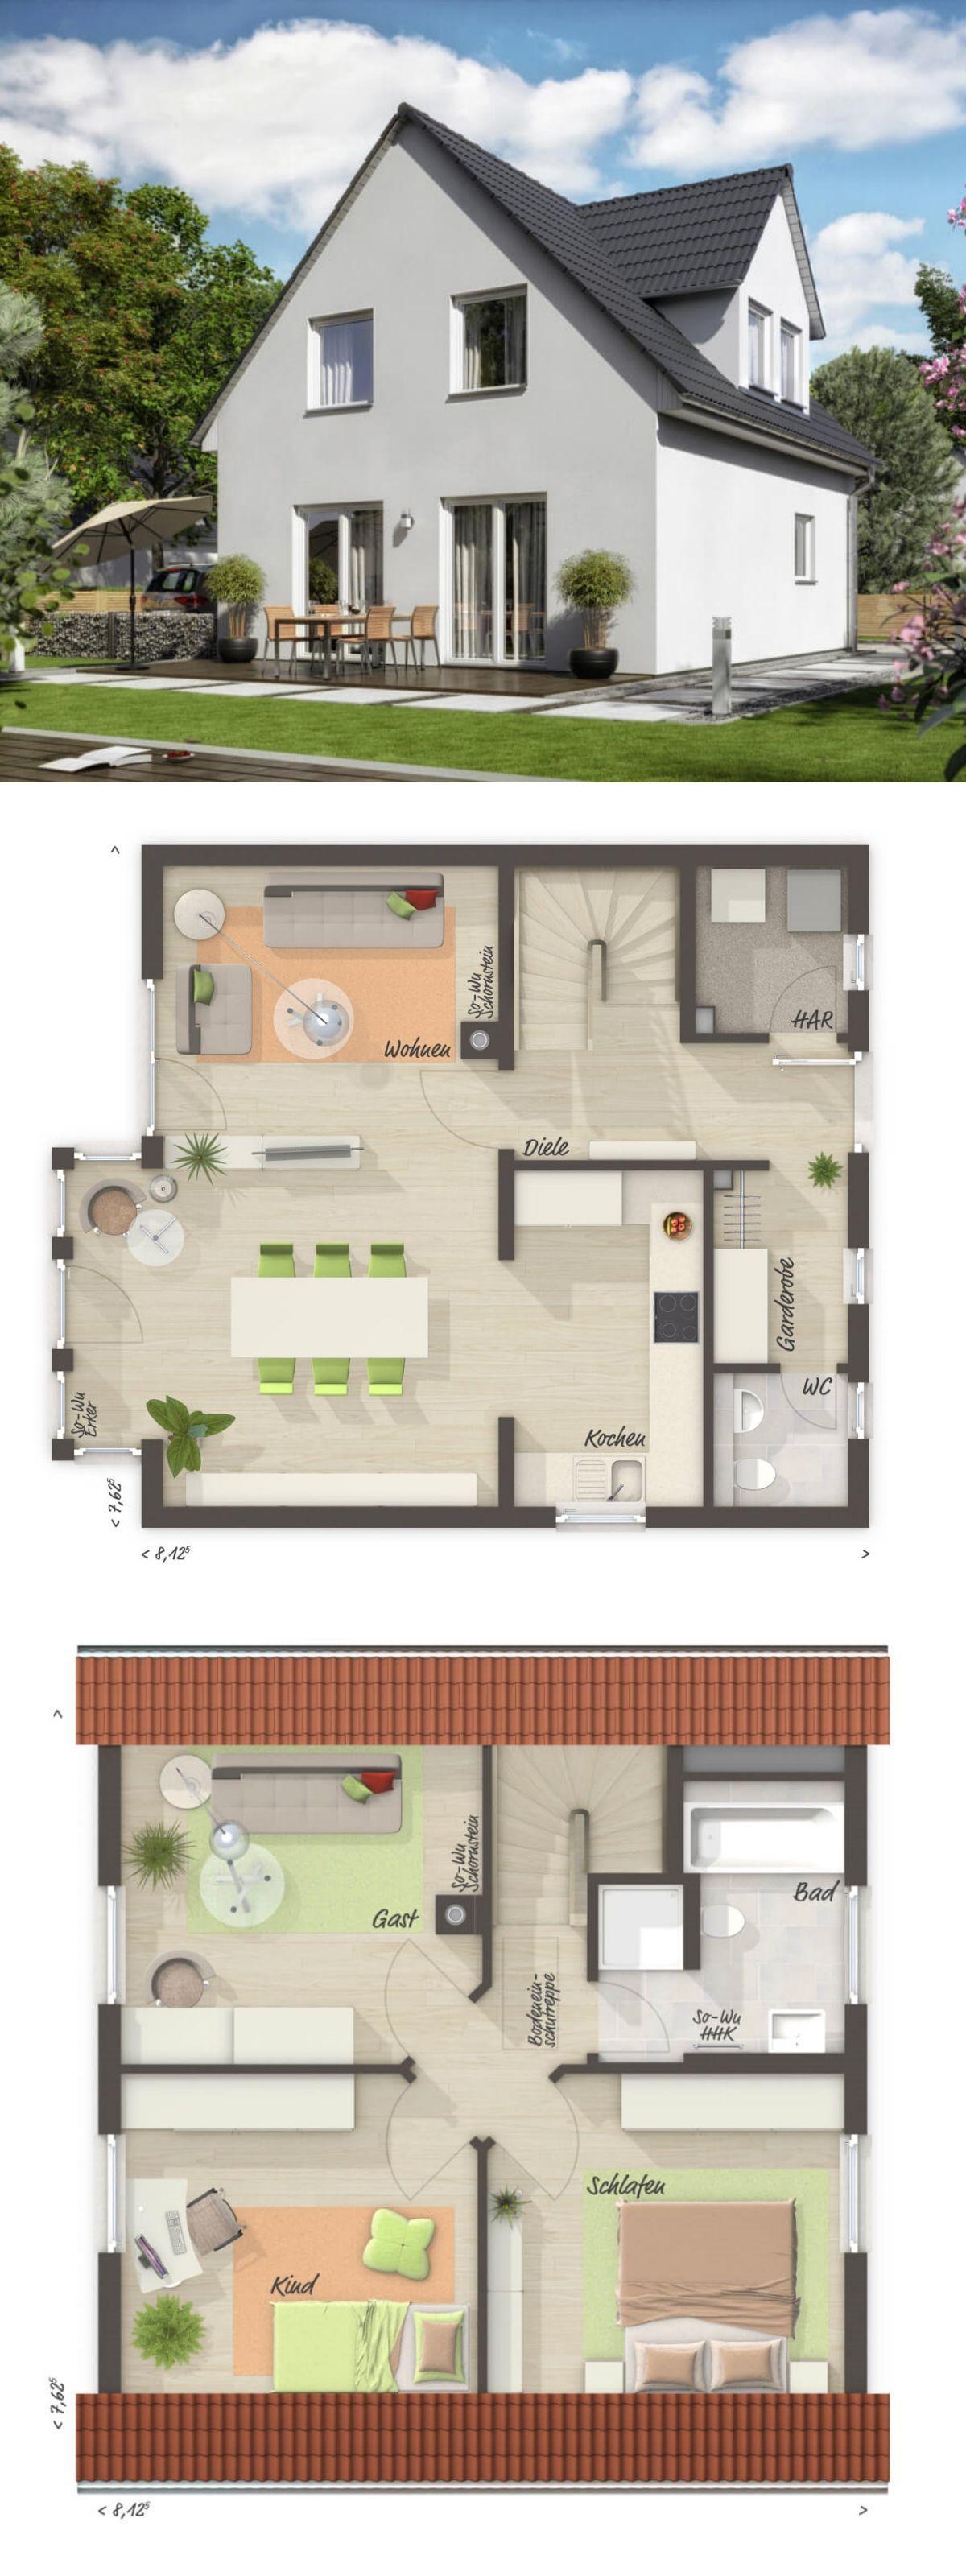 Einfamilienhaus neubau modern grundriss klassisch mit for Grundriss neubau einfamilienhaus